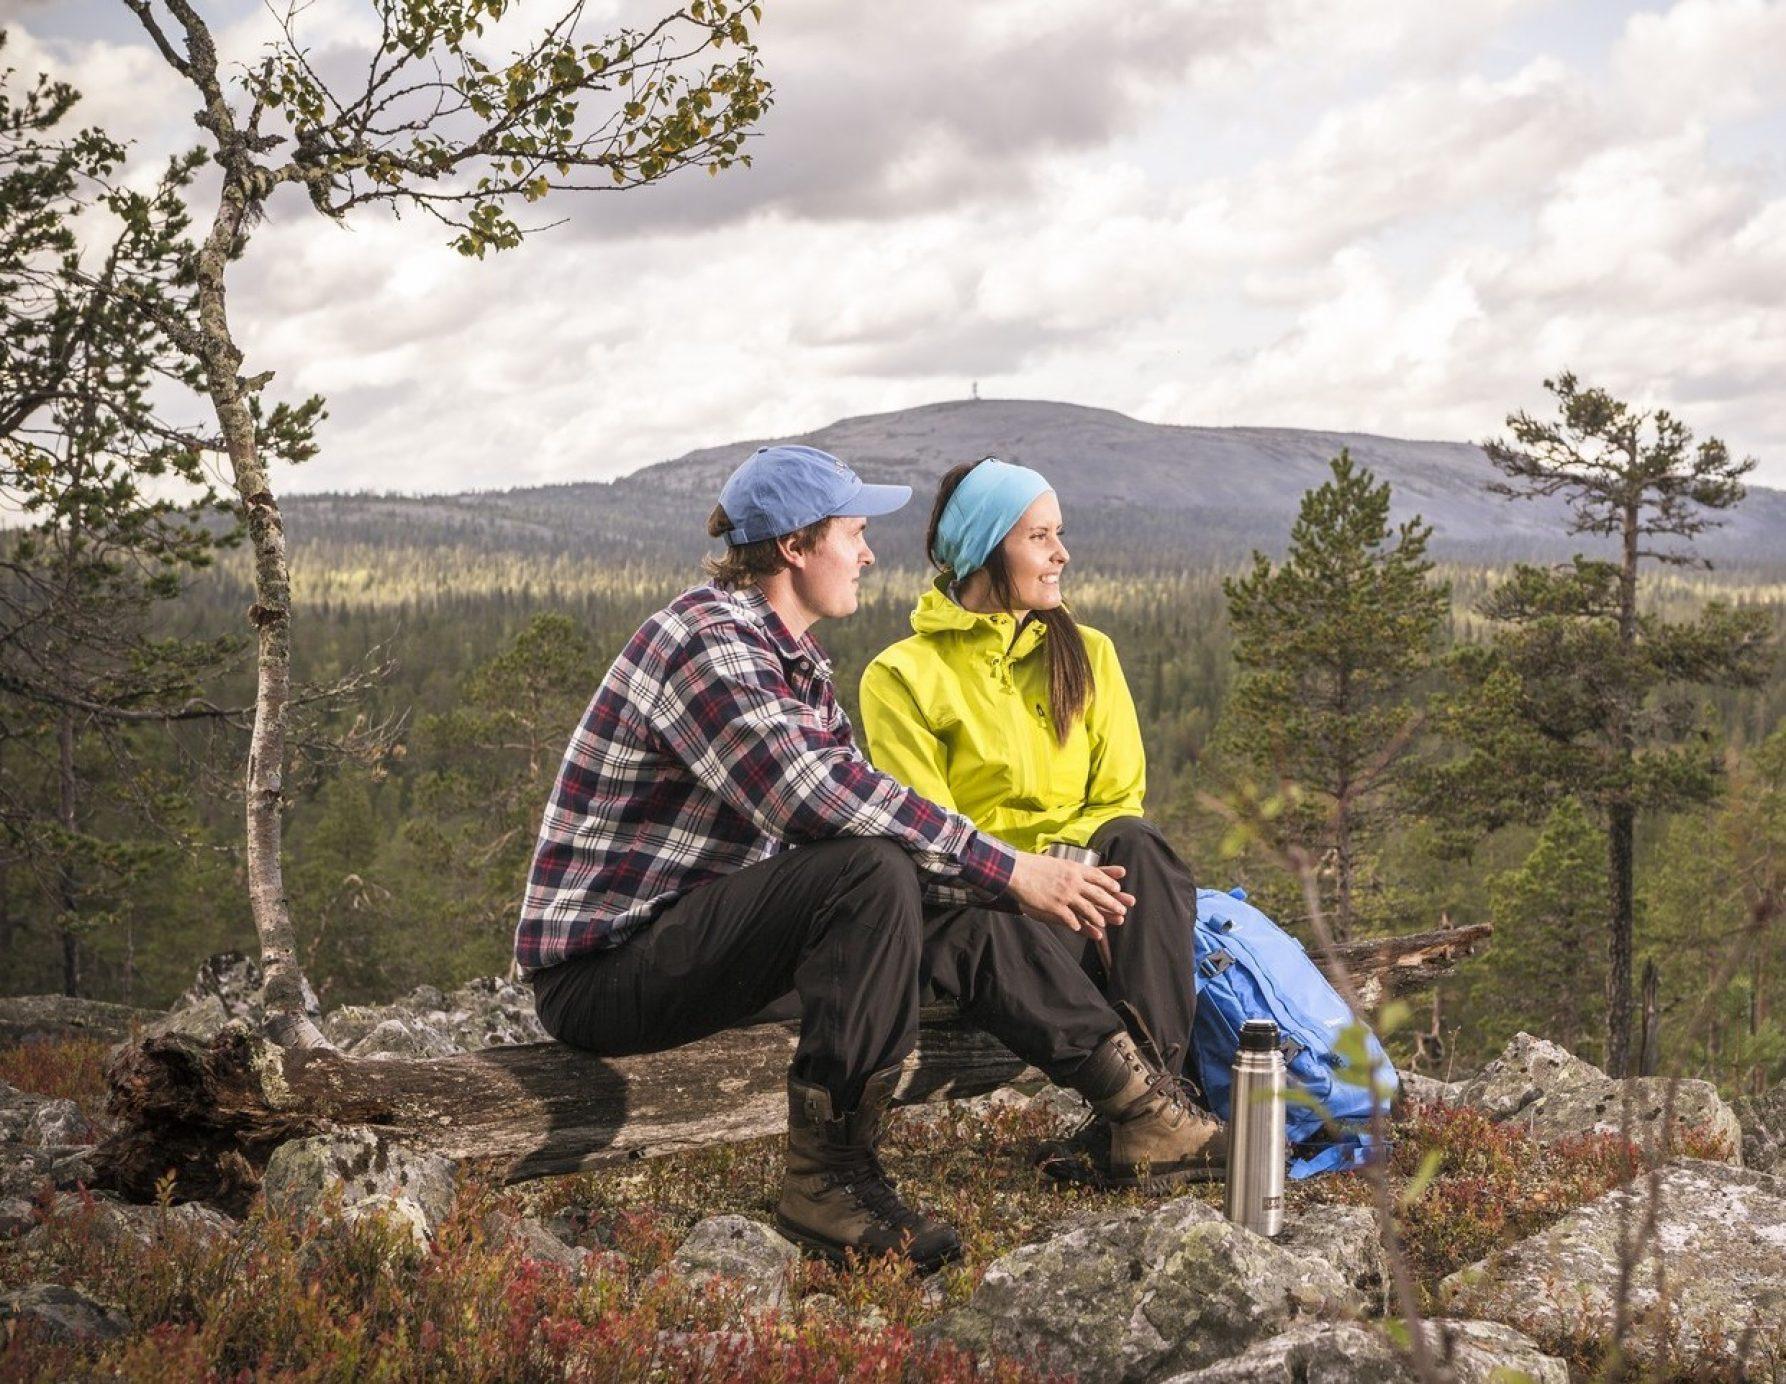 Patikoi Pyhä-Luosto kansallispuistossa - P L Kesa Rykimakuru Crop